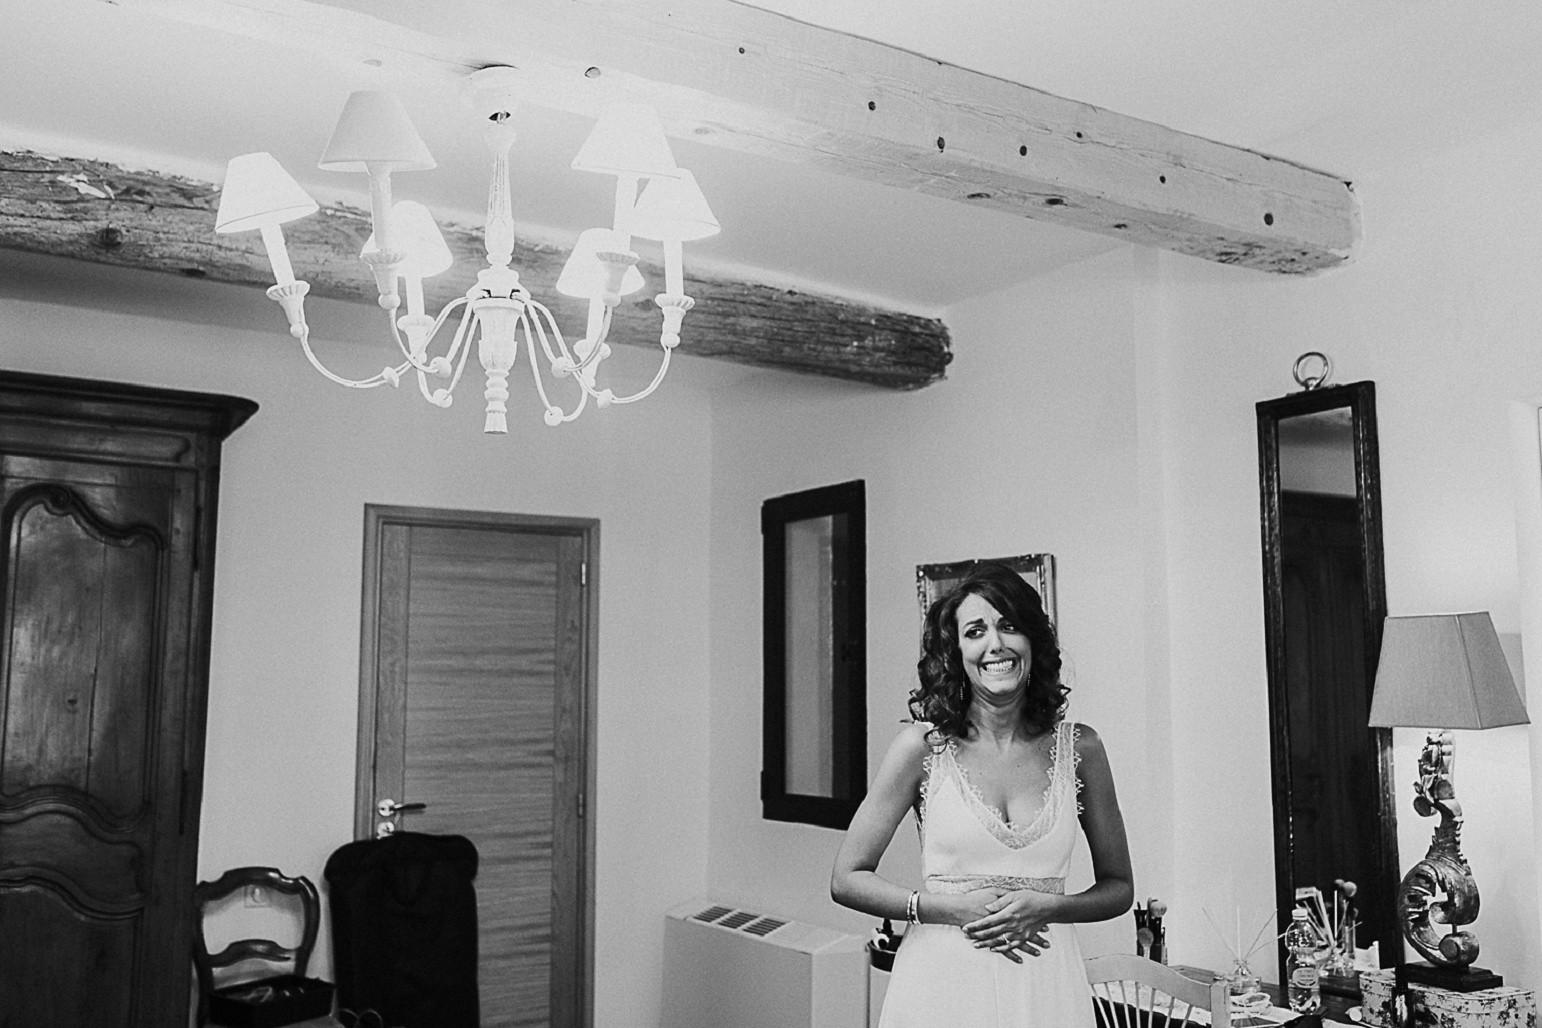 kateryna-photos-mariage-photographe-chateau-maime-aix-nice-provence-wedding-arcs-sur-argens_0029.jpg